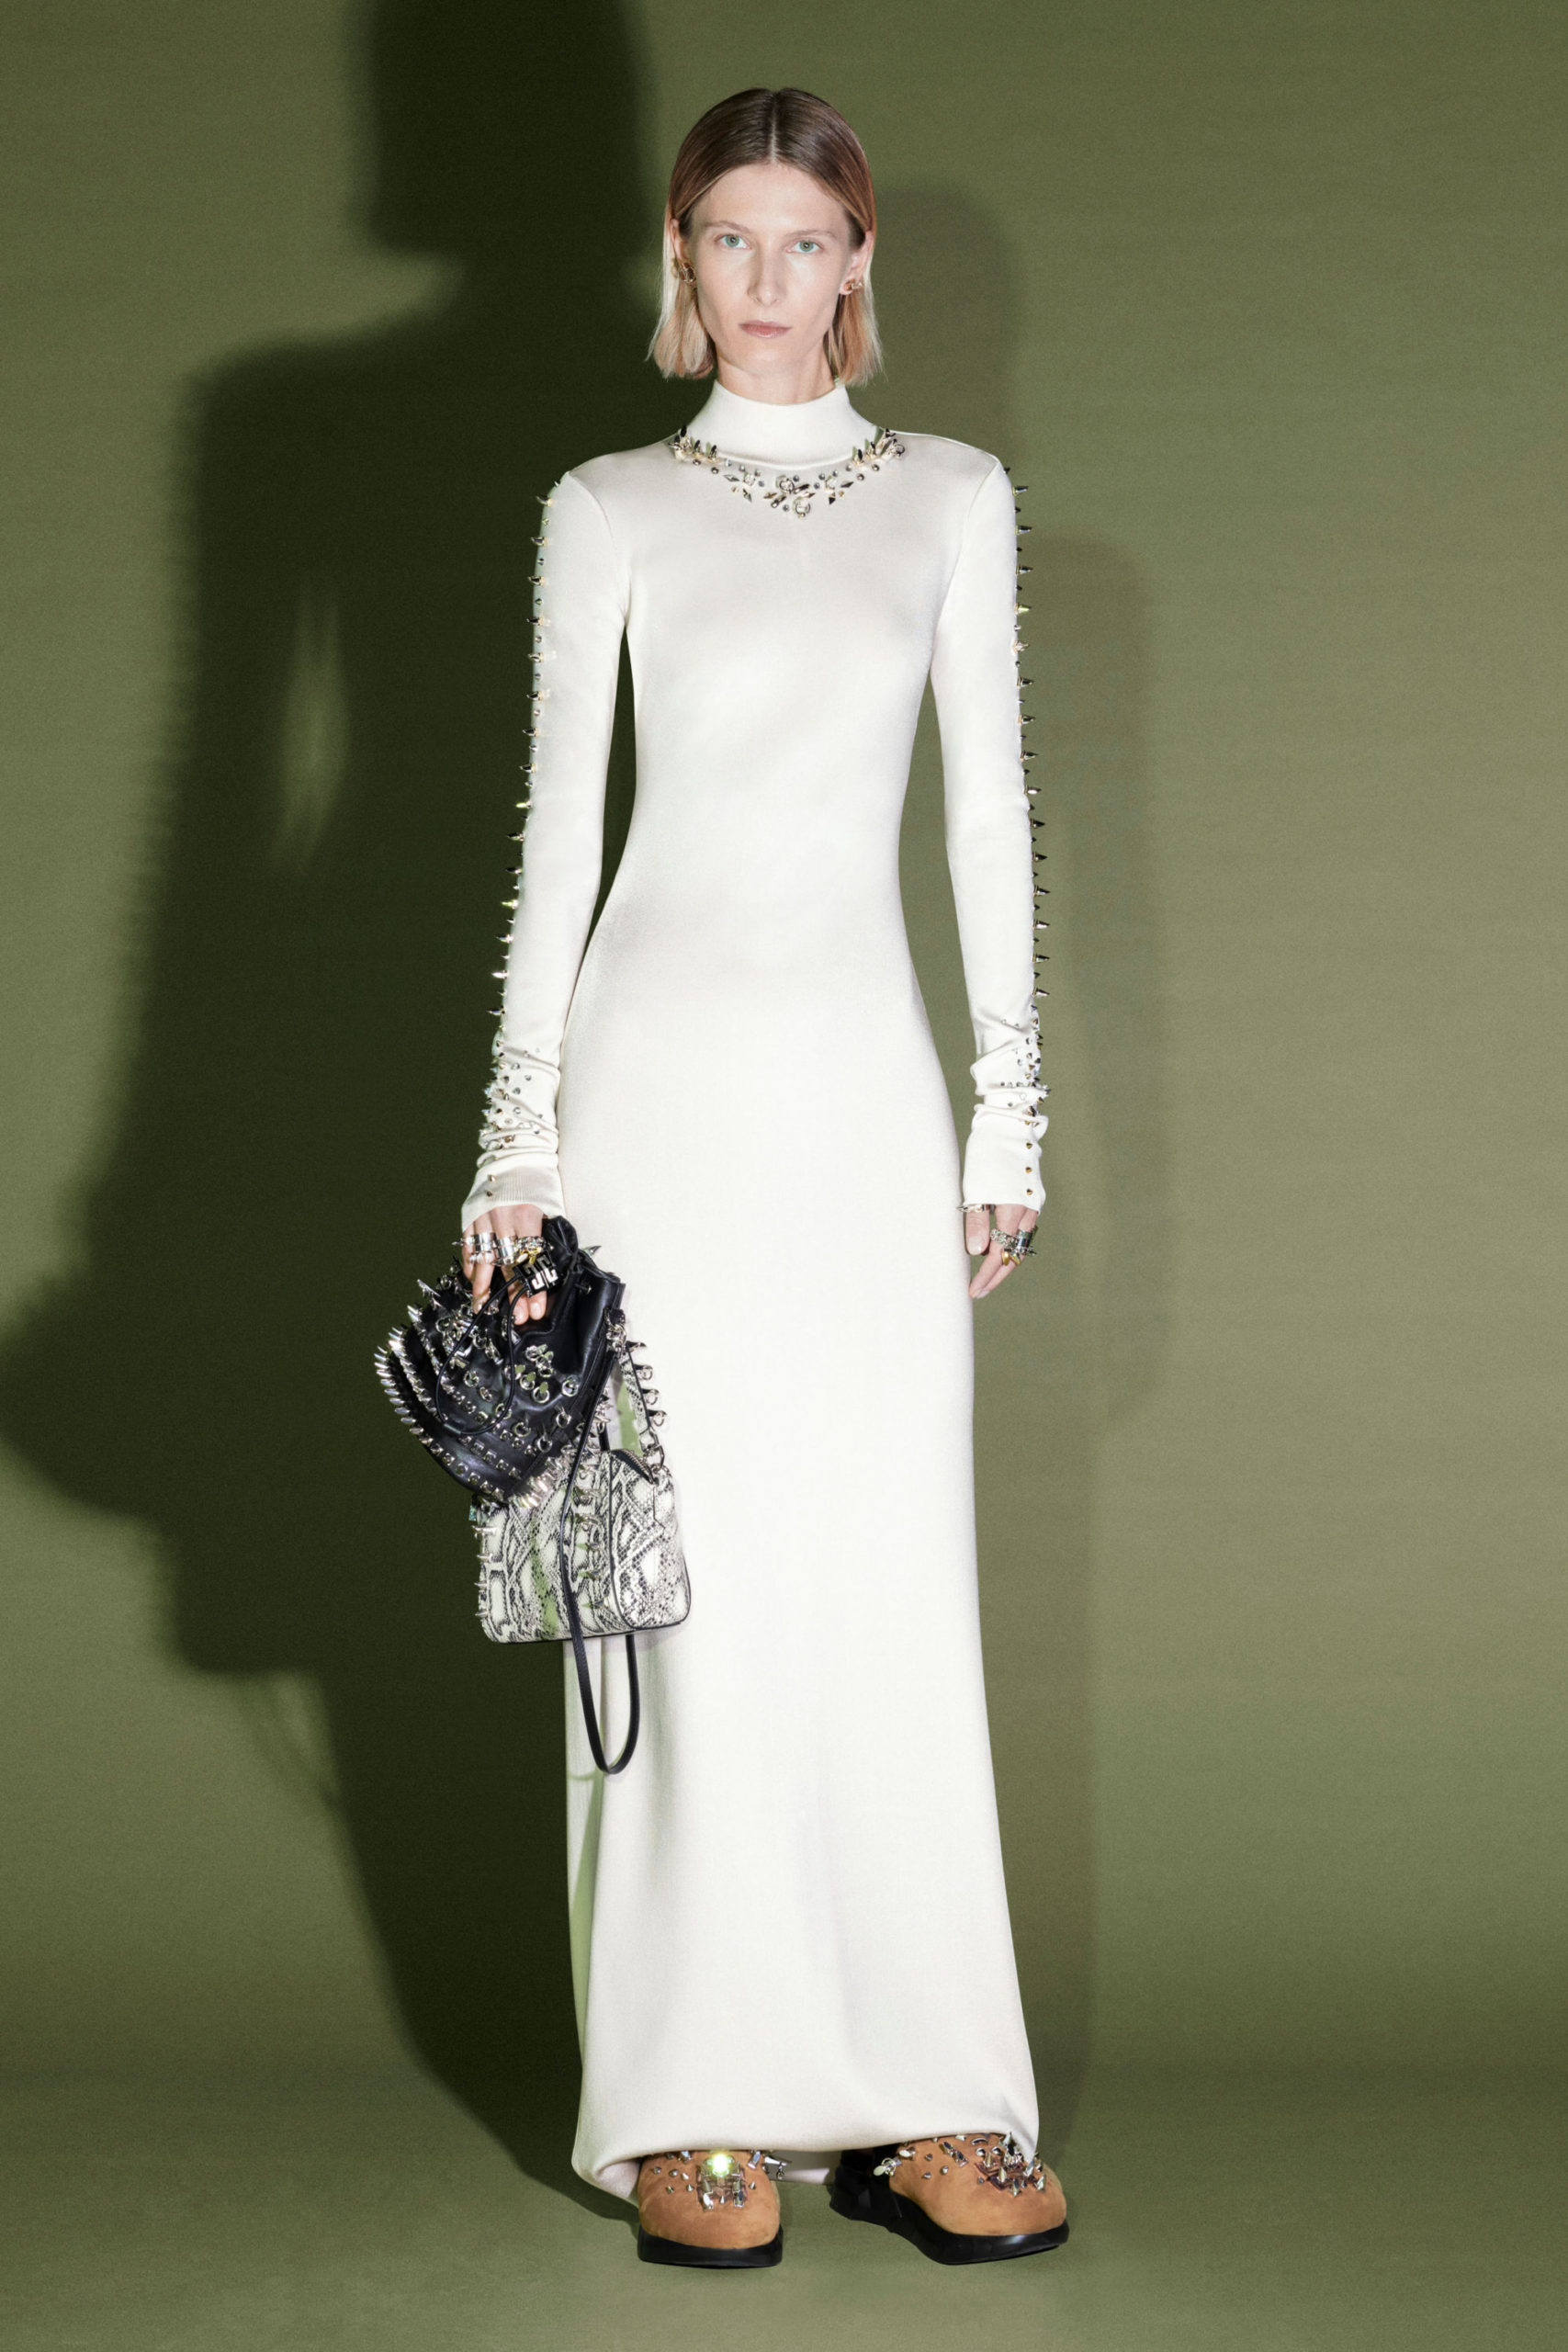 Узкое платье от Givenchy модель 2022 года